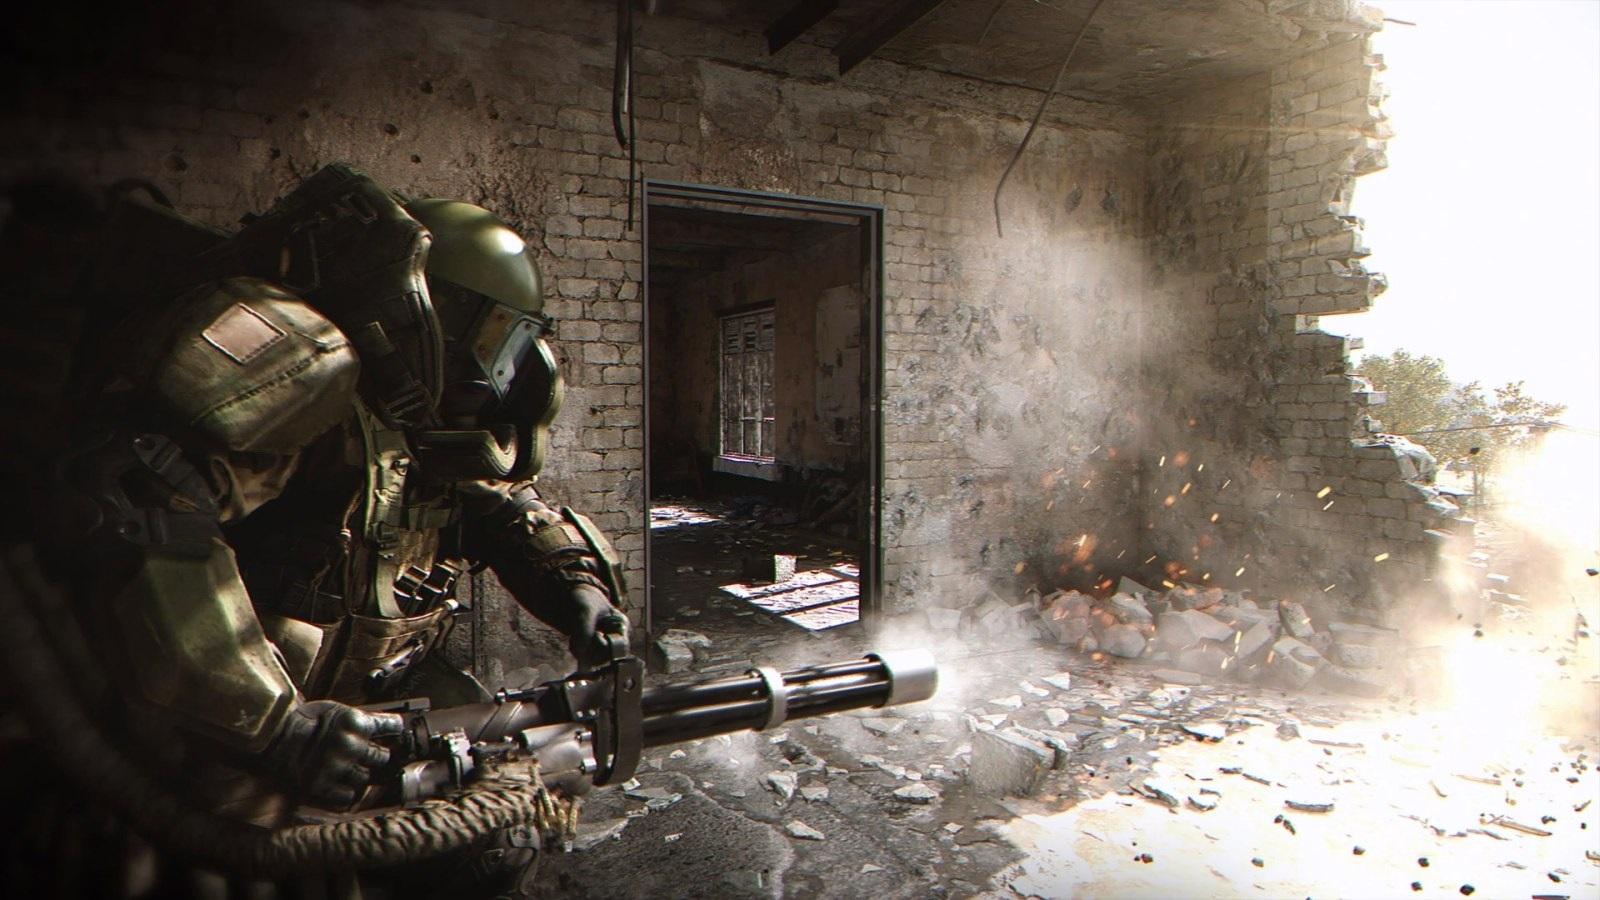 Call of Duty: Modern Warfare; wallpaper: juggernaut